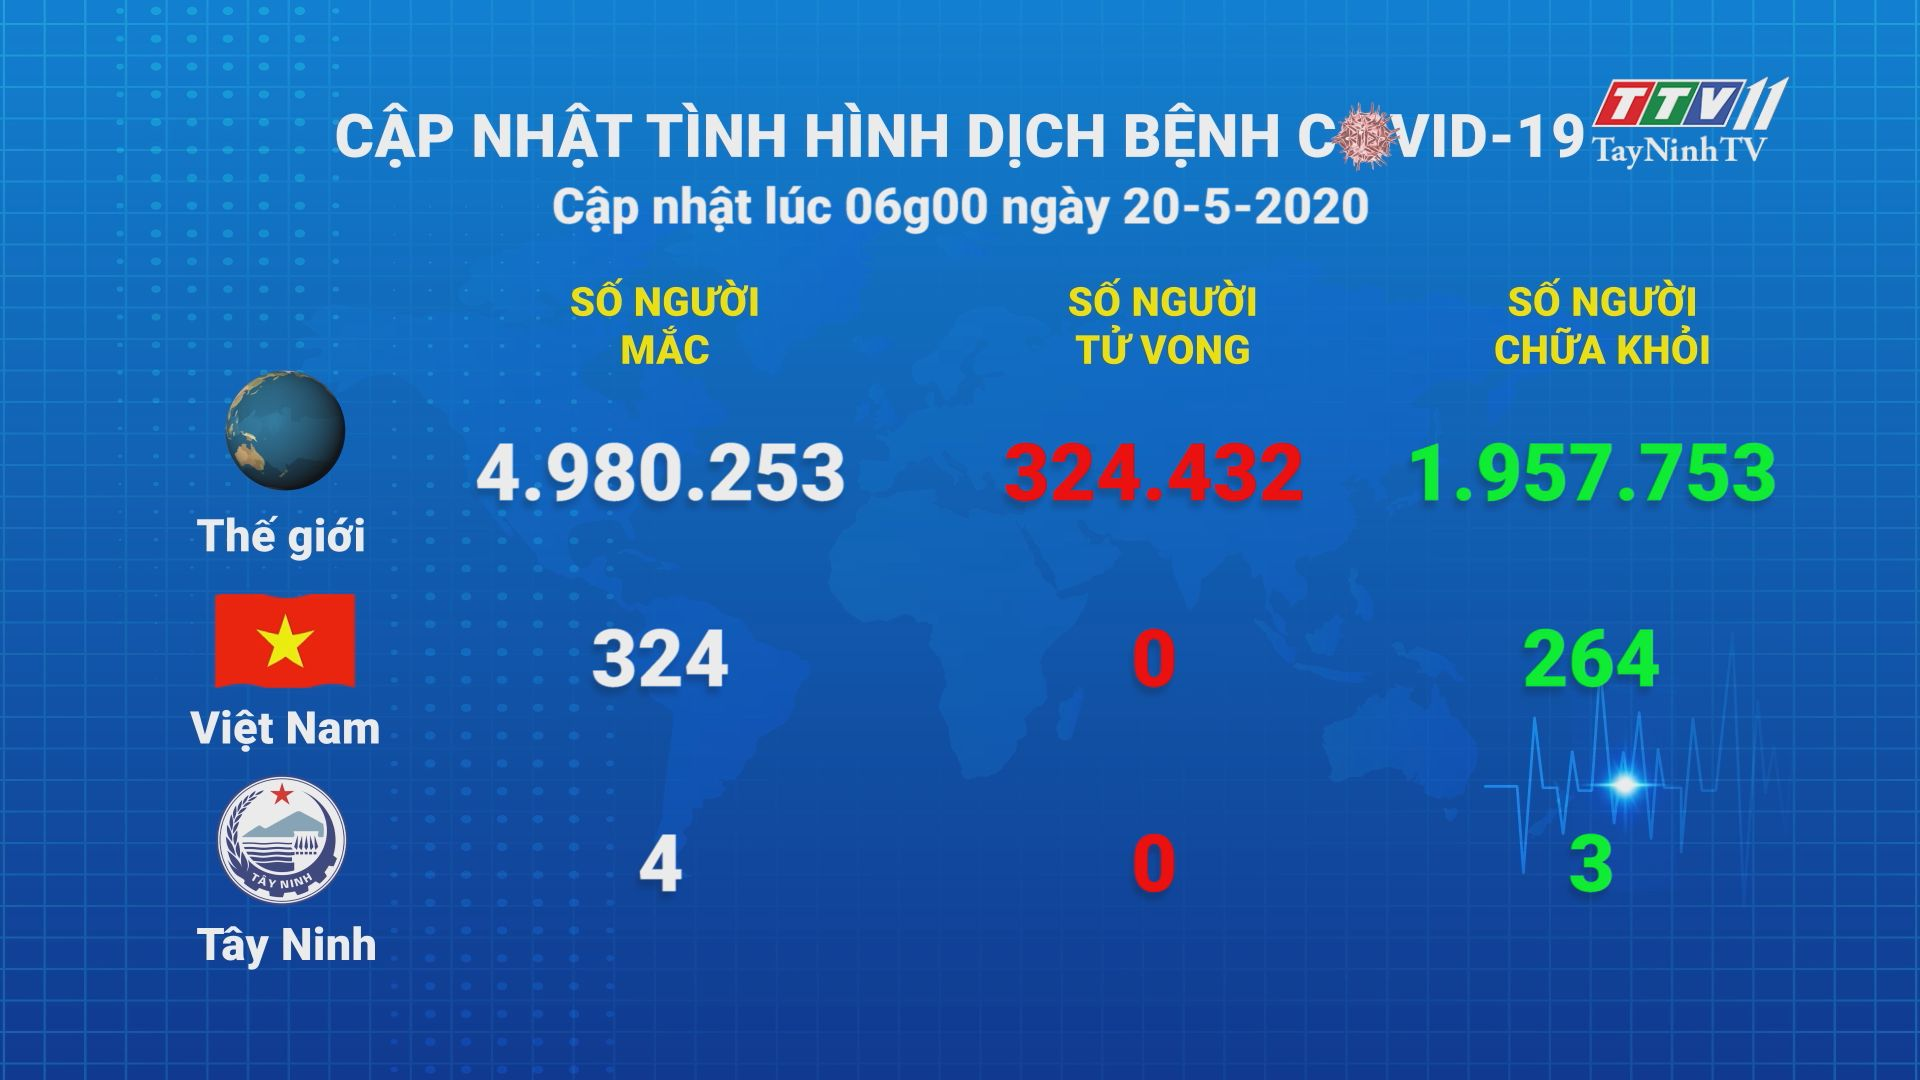 Cập nhật tình hình Covid-19 vào lúc 06 giờ 20-5-2020 | Thông tin dịch Covid-19 | TayNinhTV